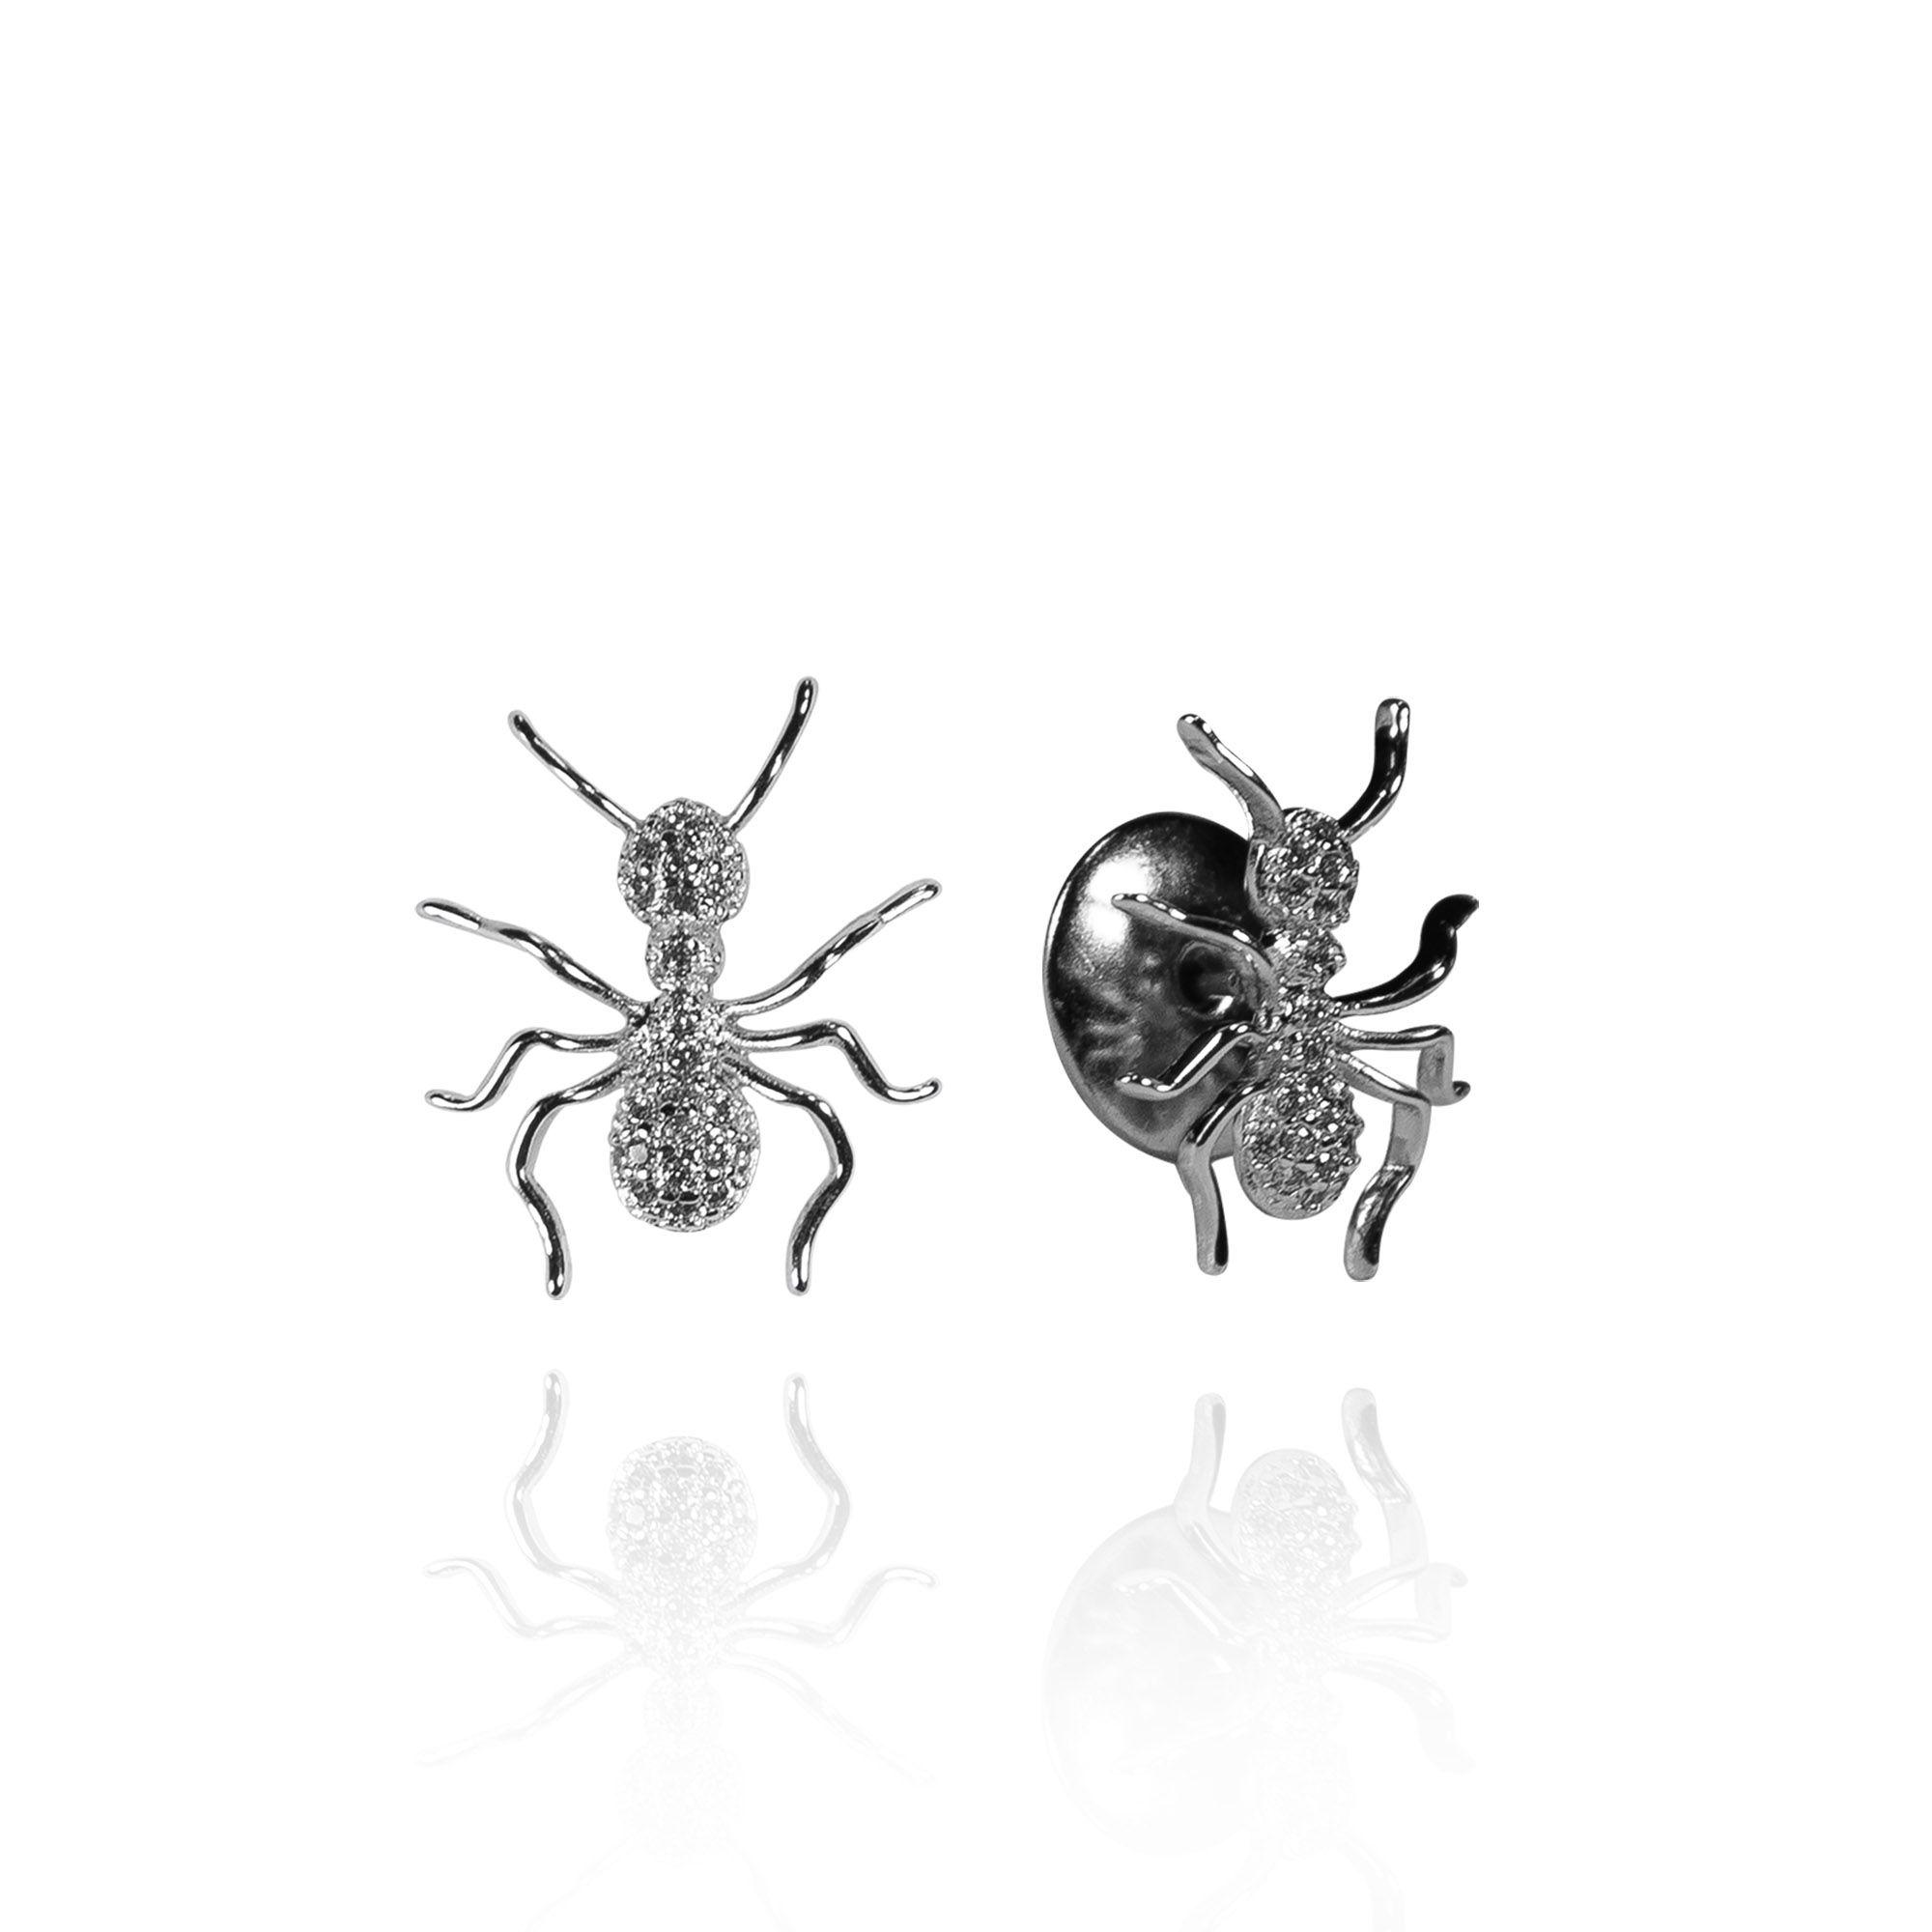 Brinco Bug Ant Prateado com Zircônias